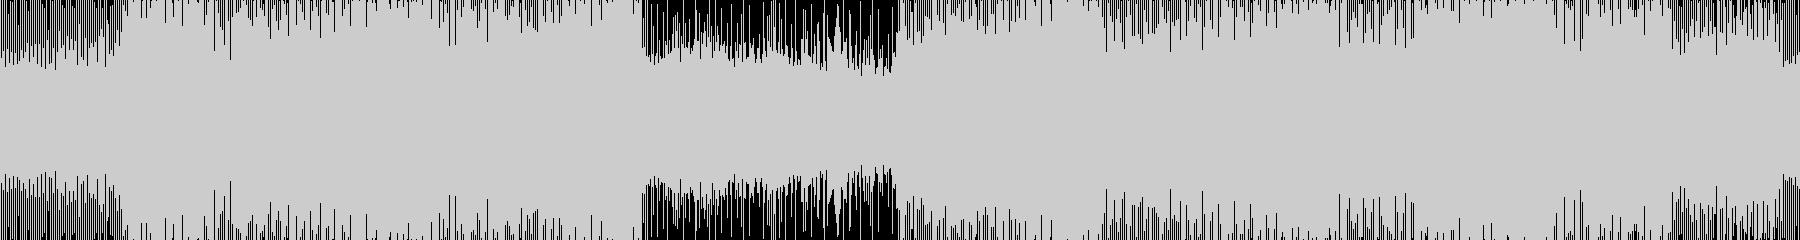 緊張感あるクールなテクスチャー ループ版の未再生の波形